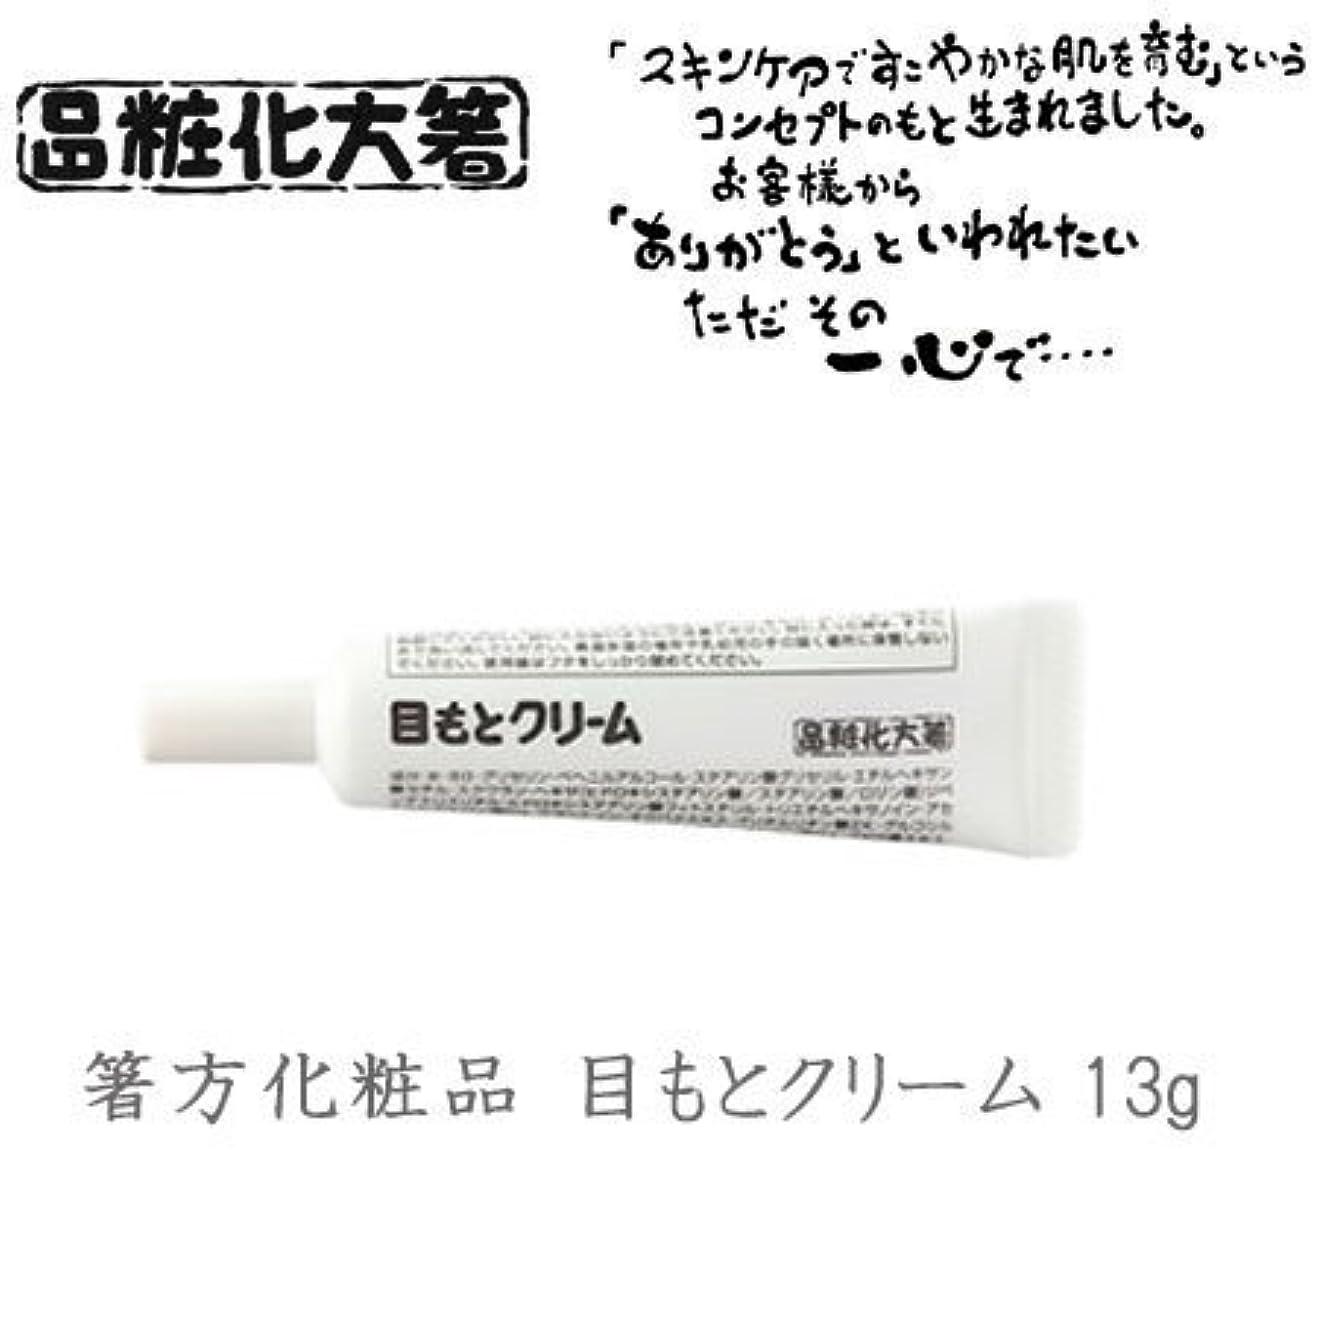 困惑したインペリアルひどい箸方化粧品 目もとクリーム 13g はしかた化粧品